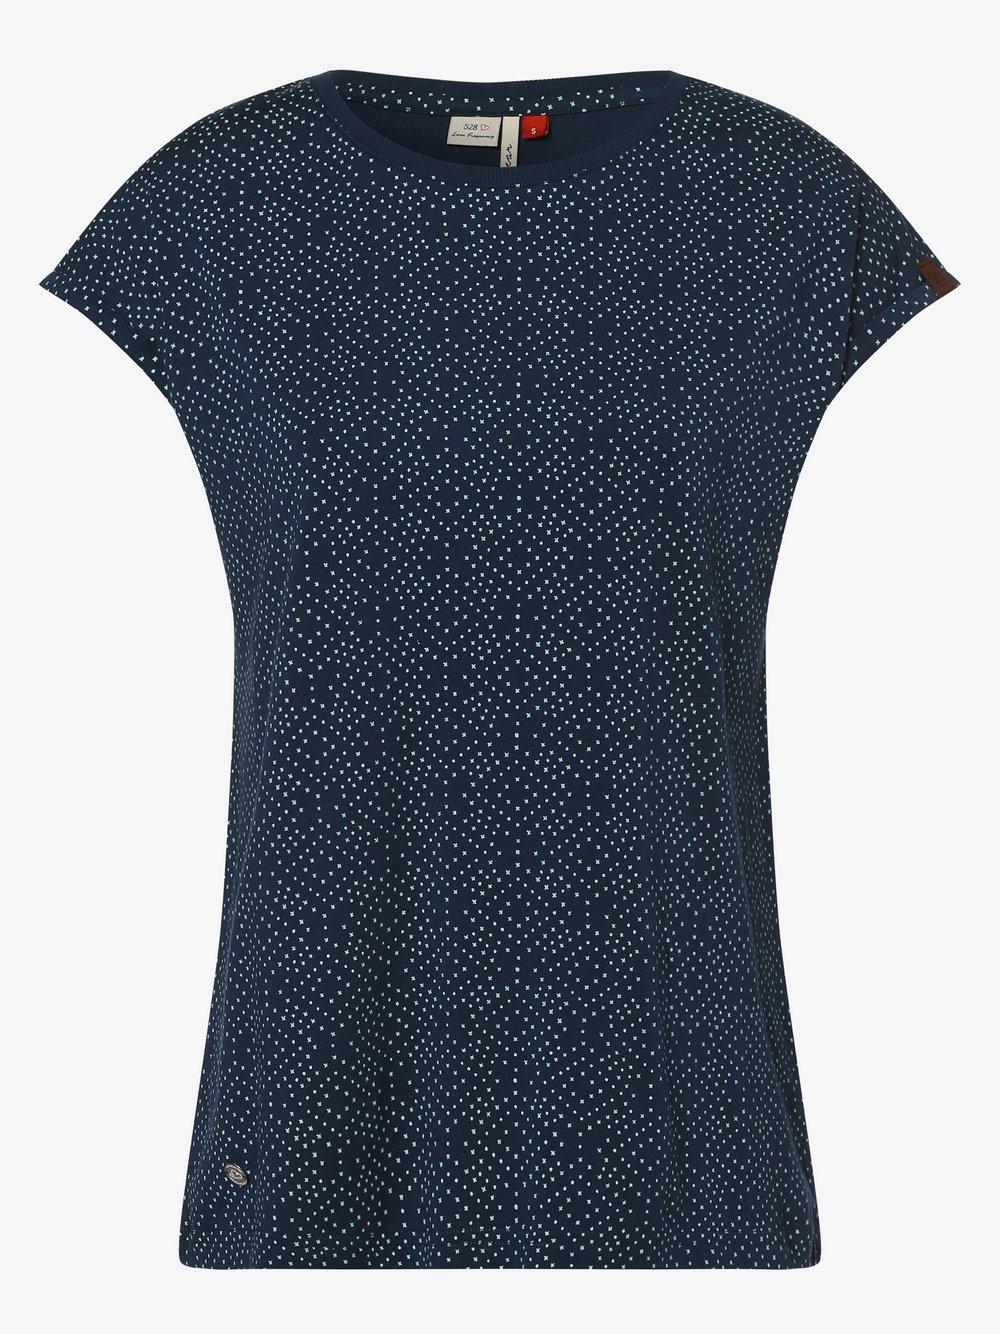 Ragwear – T-shirt damski – Dione, niebieski Van Graaf 467689-0001-09900